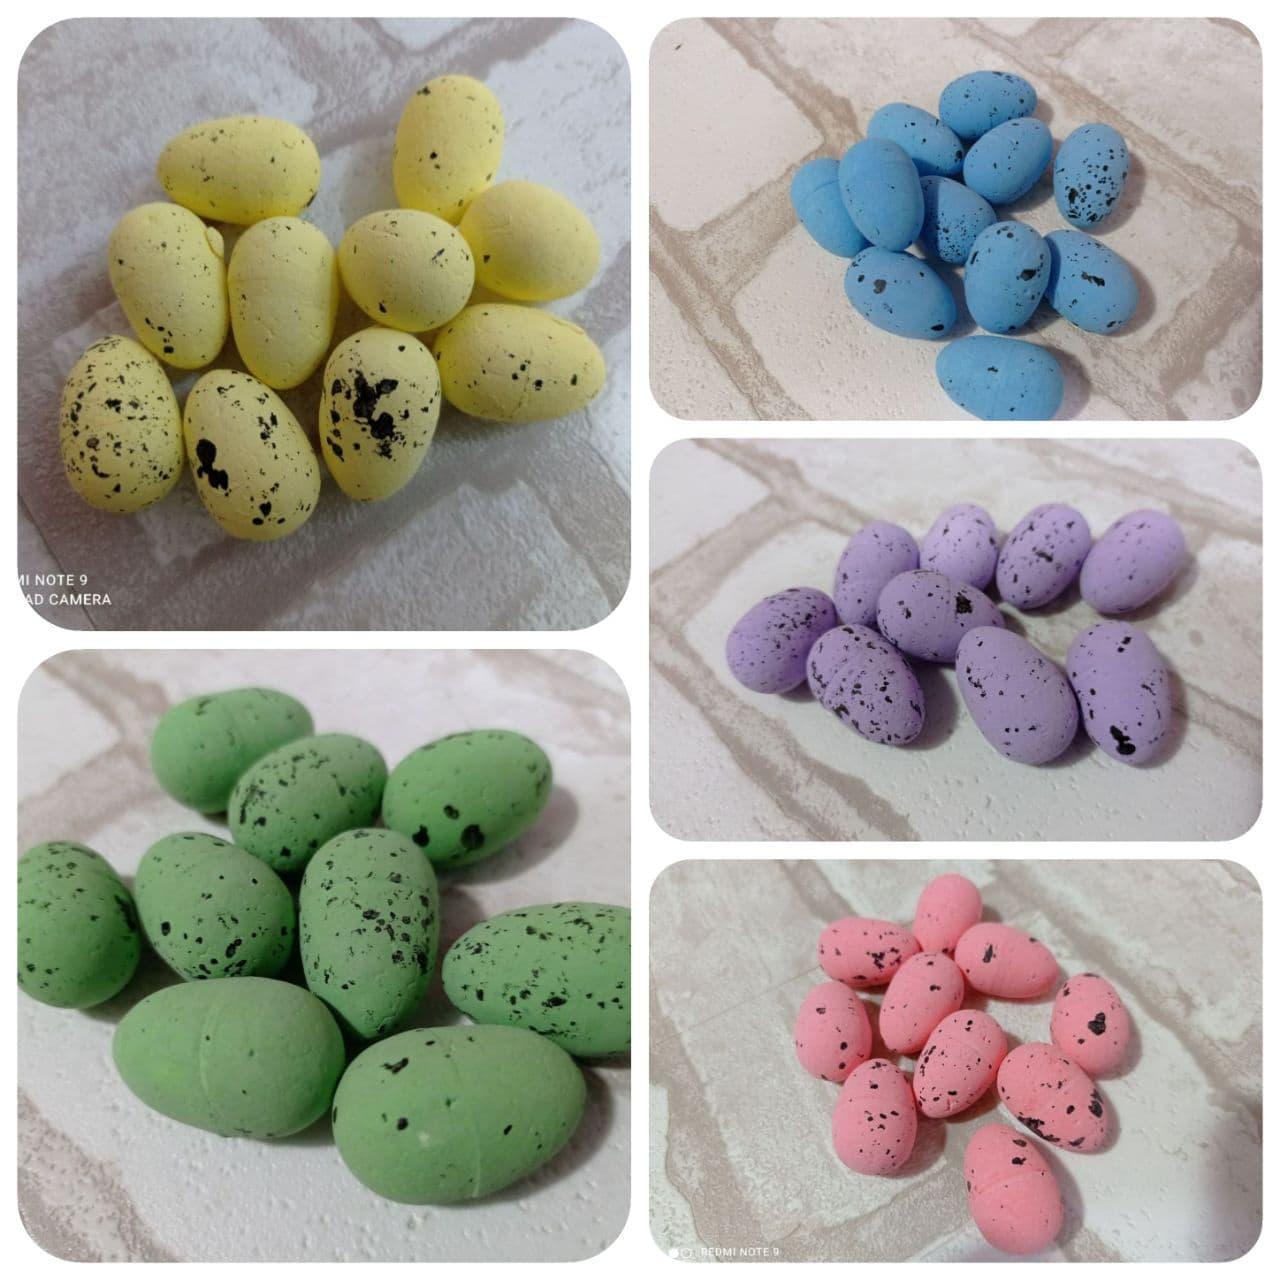 Яйца пенопластовые для декора h-3 см, 9 шт/уп 20 грн